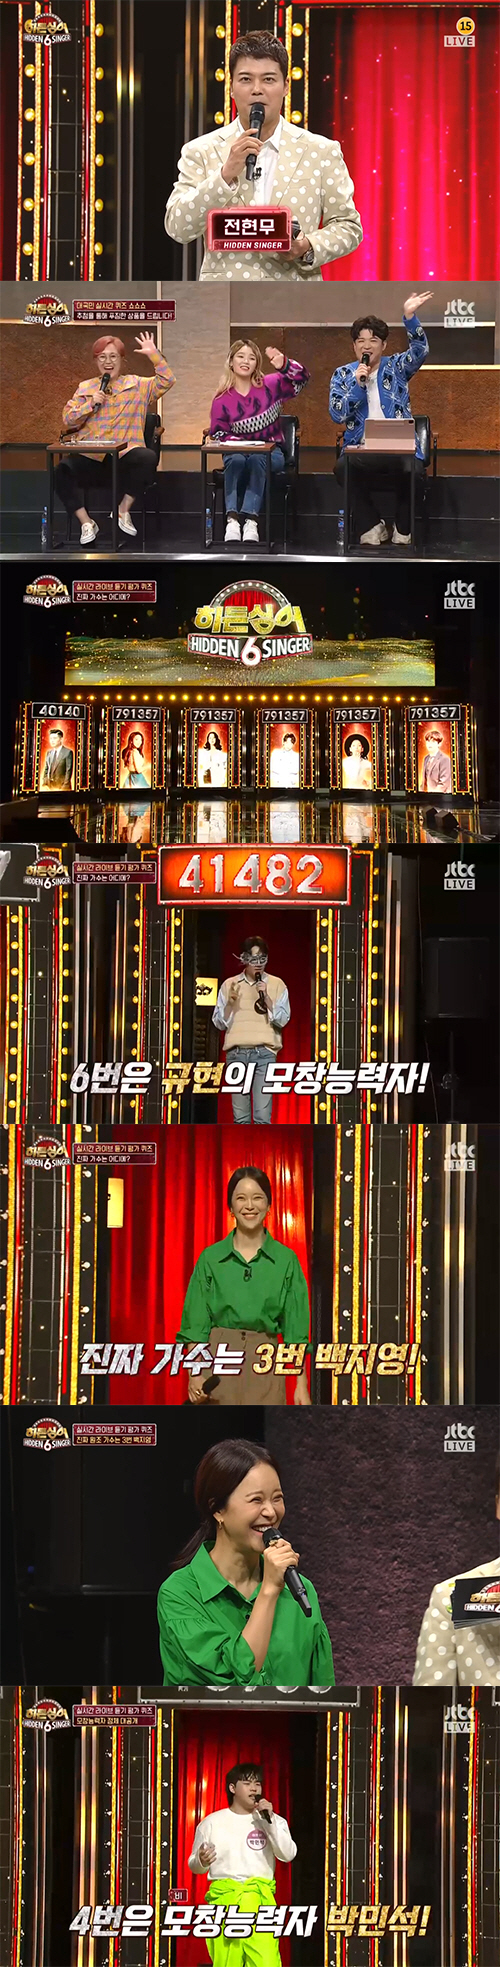 '히든싱어6' 생방송 퀴즈쇼, 김종국→장범준·이소라까지 하반기 라인업 공개[종합][오빠 토토|레시피 토토]